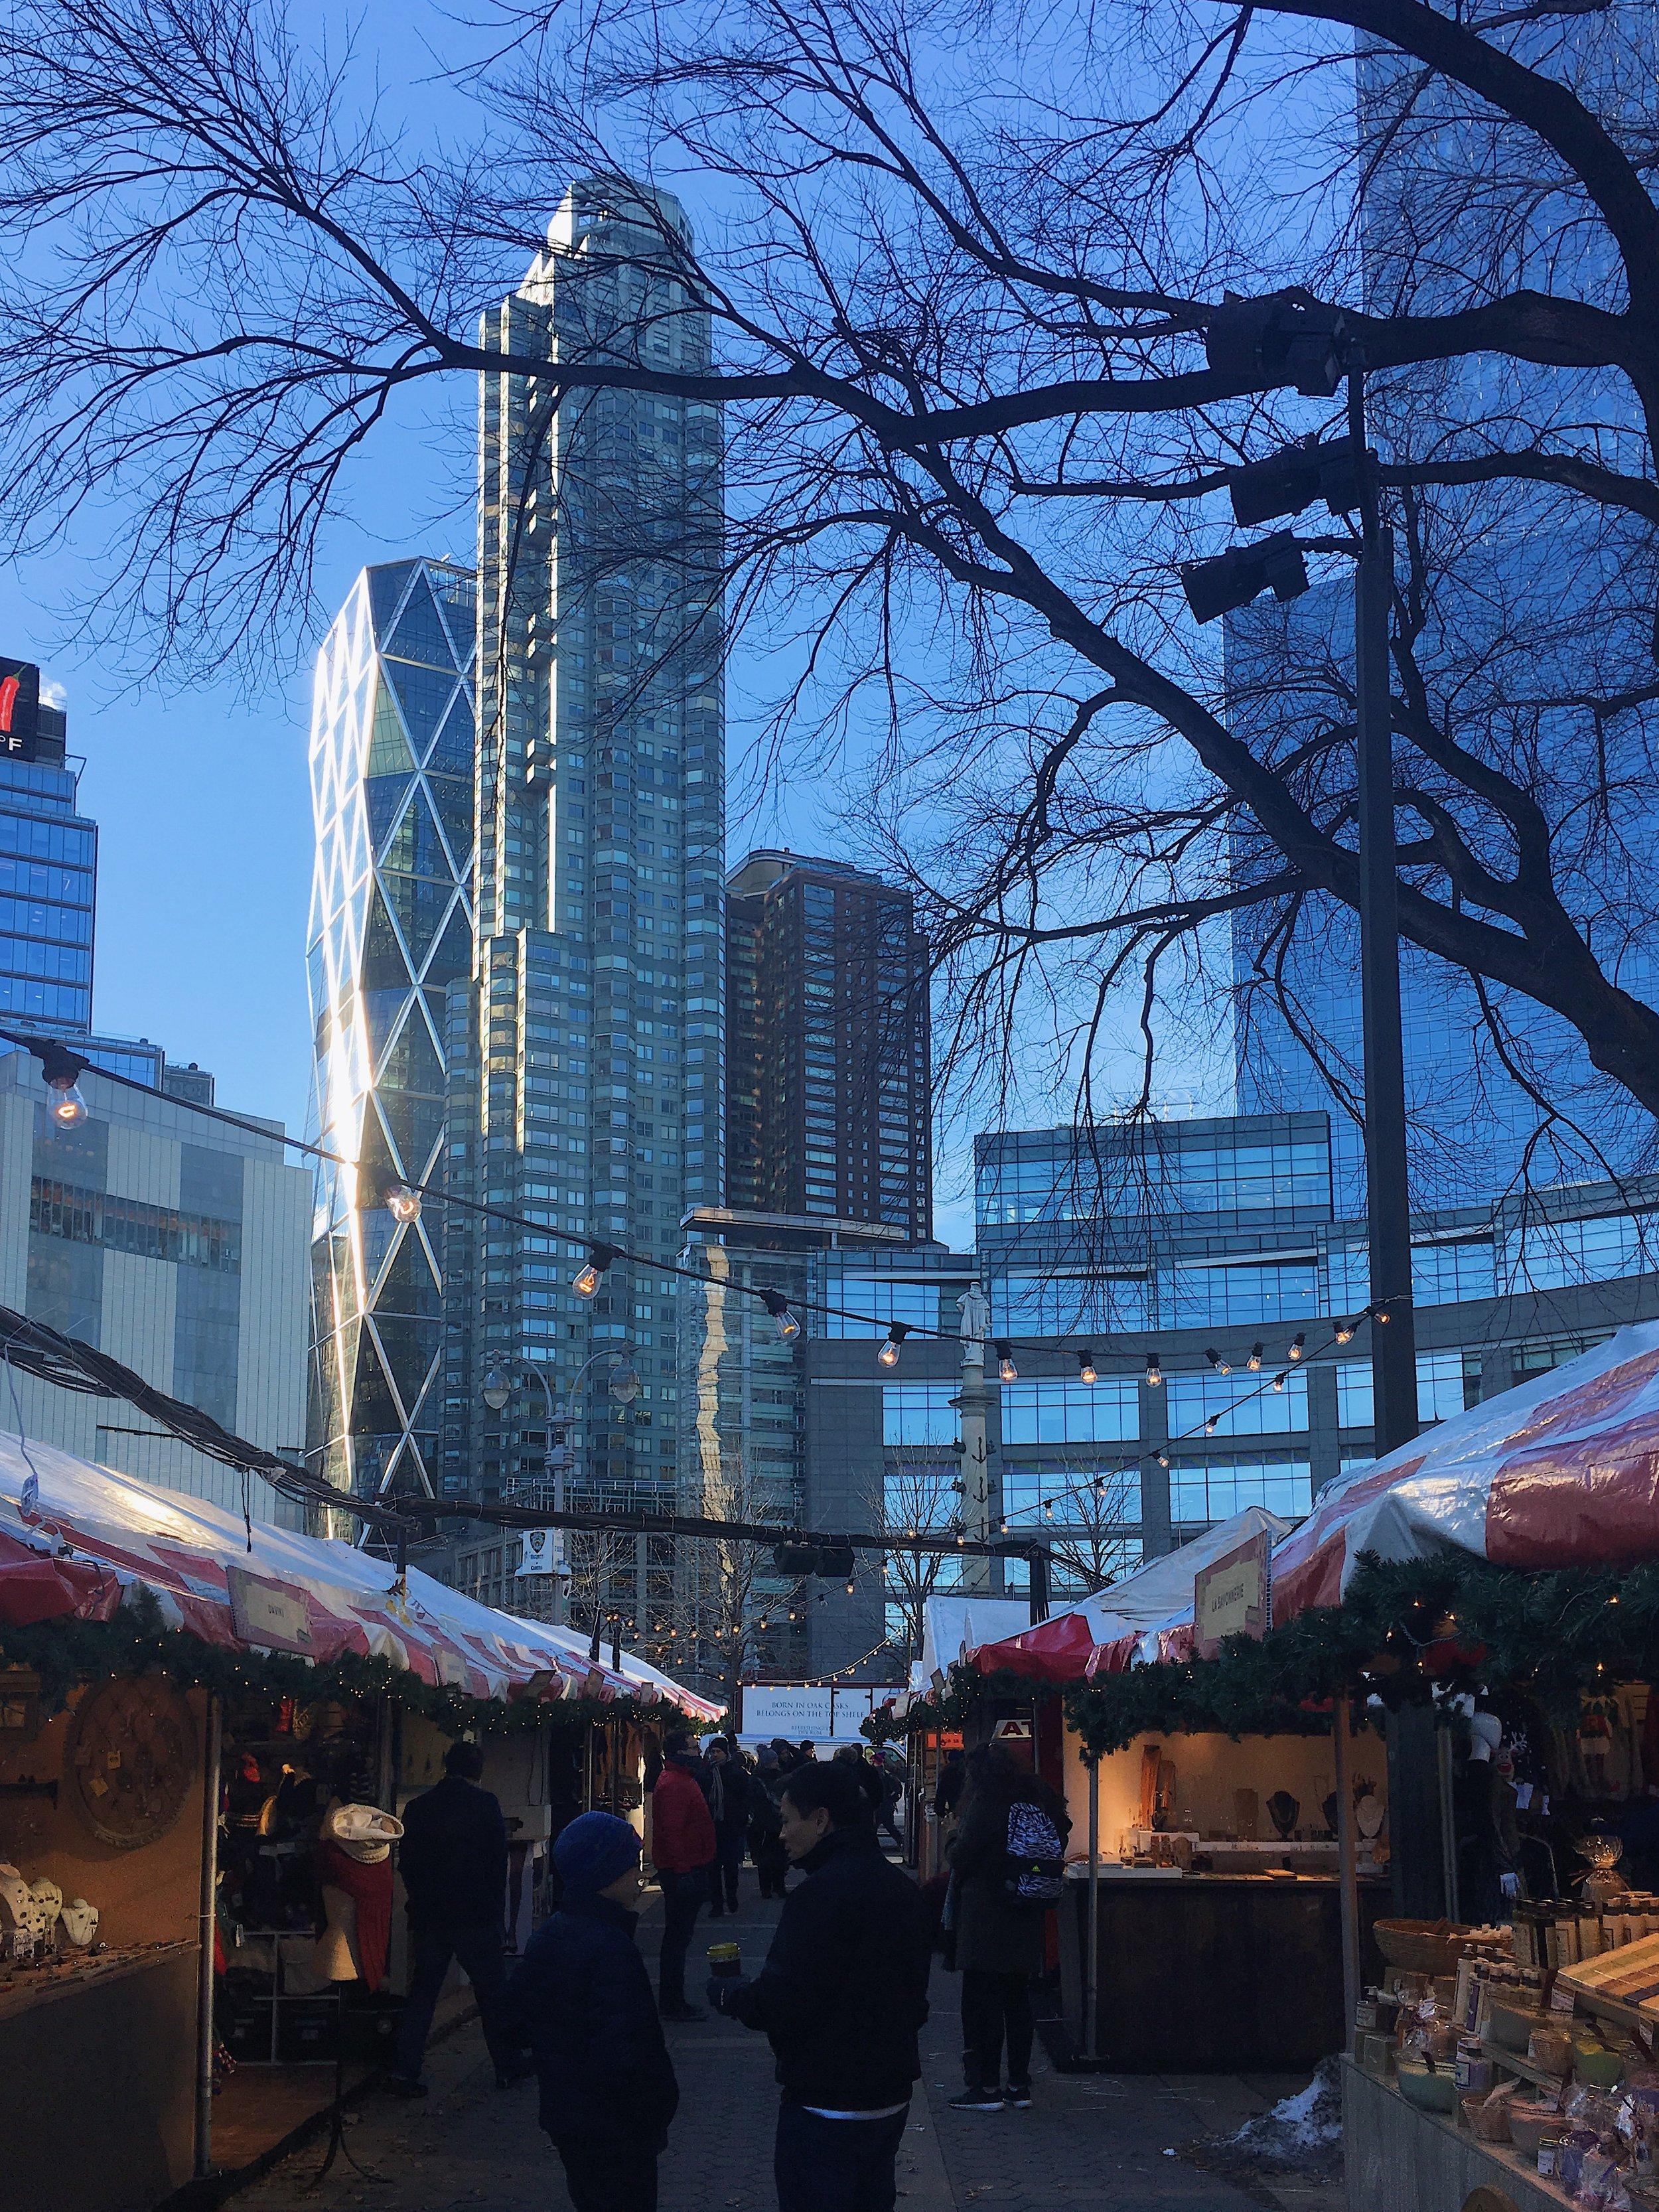 Columbus Circle holiday market.